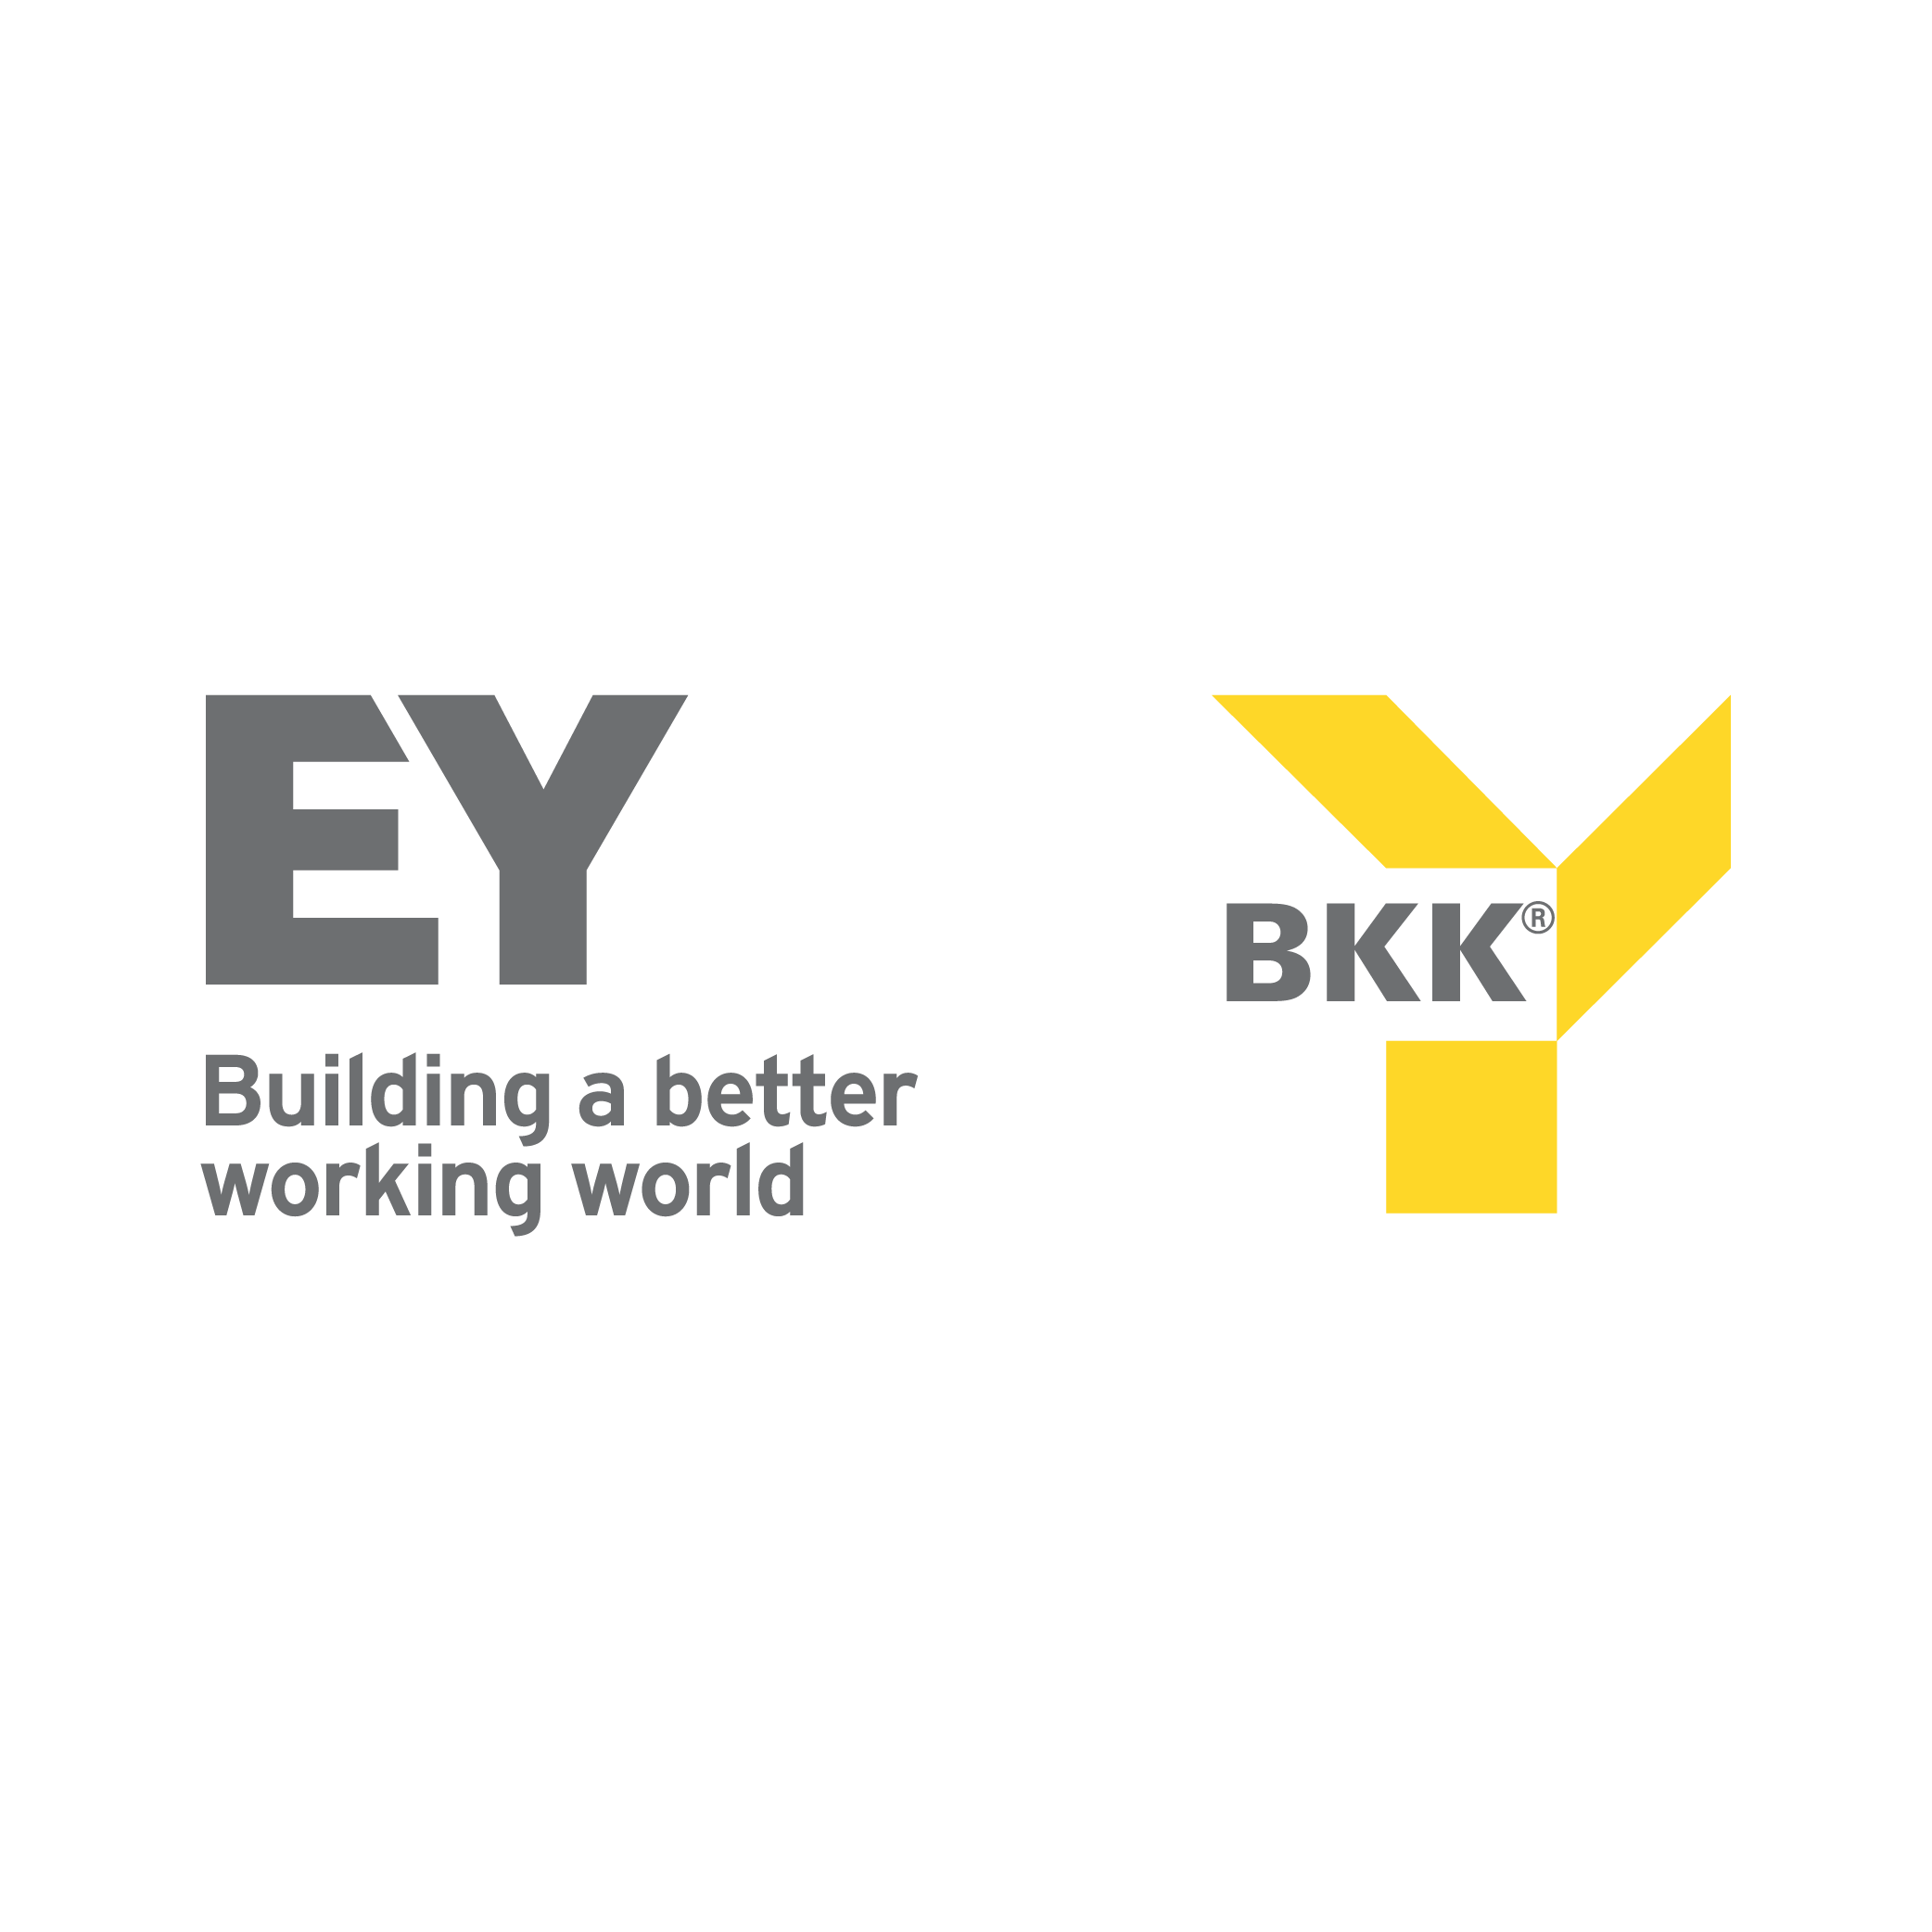 Markenzeichen der Ernst & Young BKK